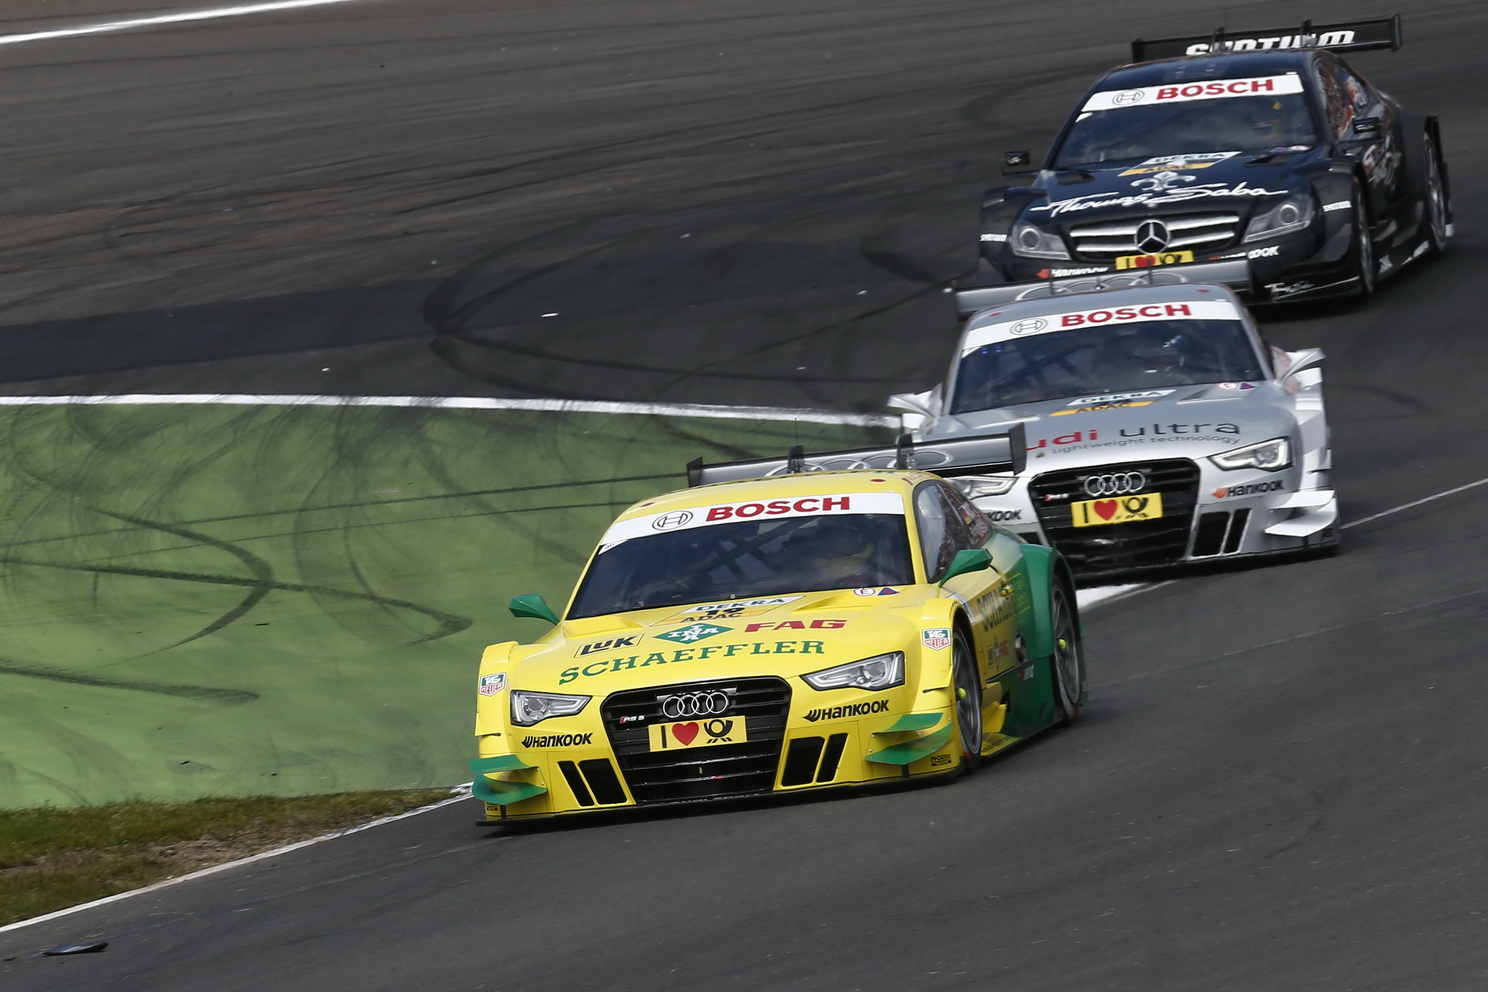 Motorsports / DTM 2013, 4. Rennen Eurospeedway Lausitzring (D), Schaeffler Audi RS 5 DTM #19 (Audi Sport Team Phoenix), Mike Rockenfeller, Schaeffler Audi RS 5 DTM #19 (Audi Sport Team Phoenix), Mike Rockenfeller,